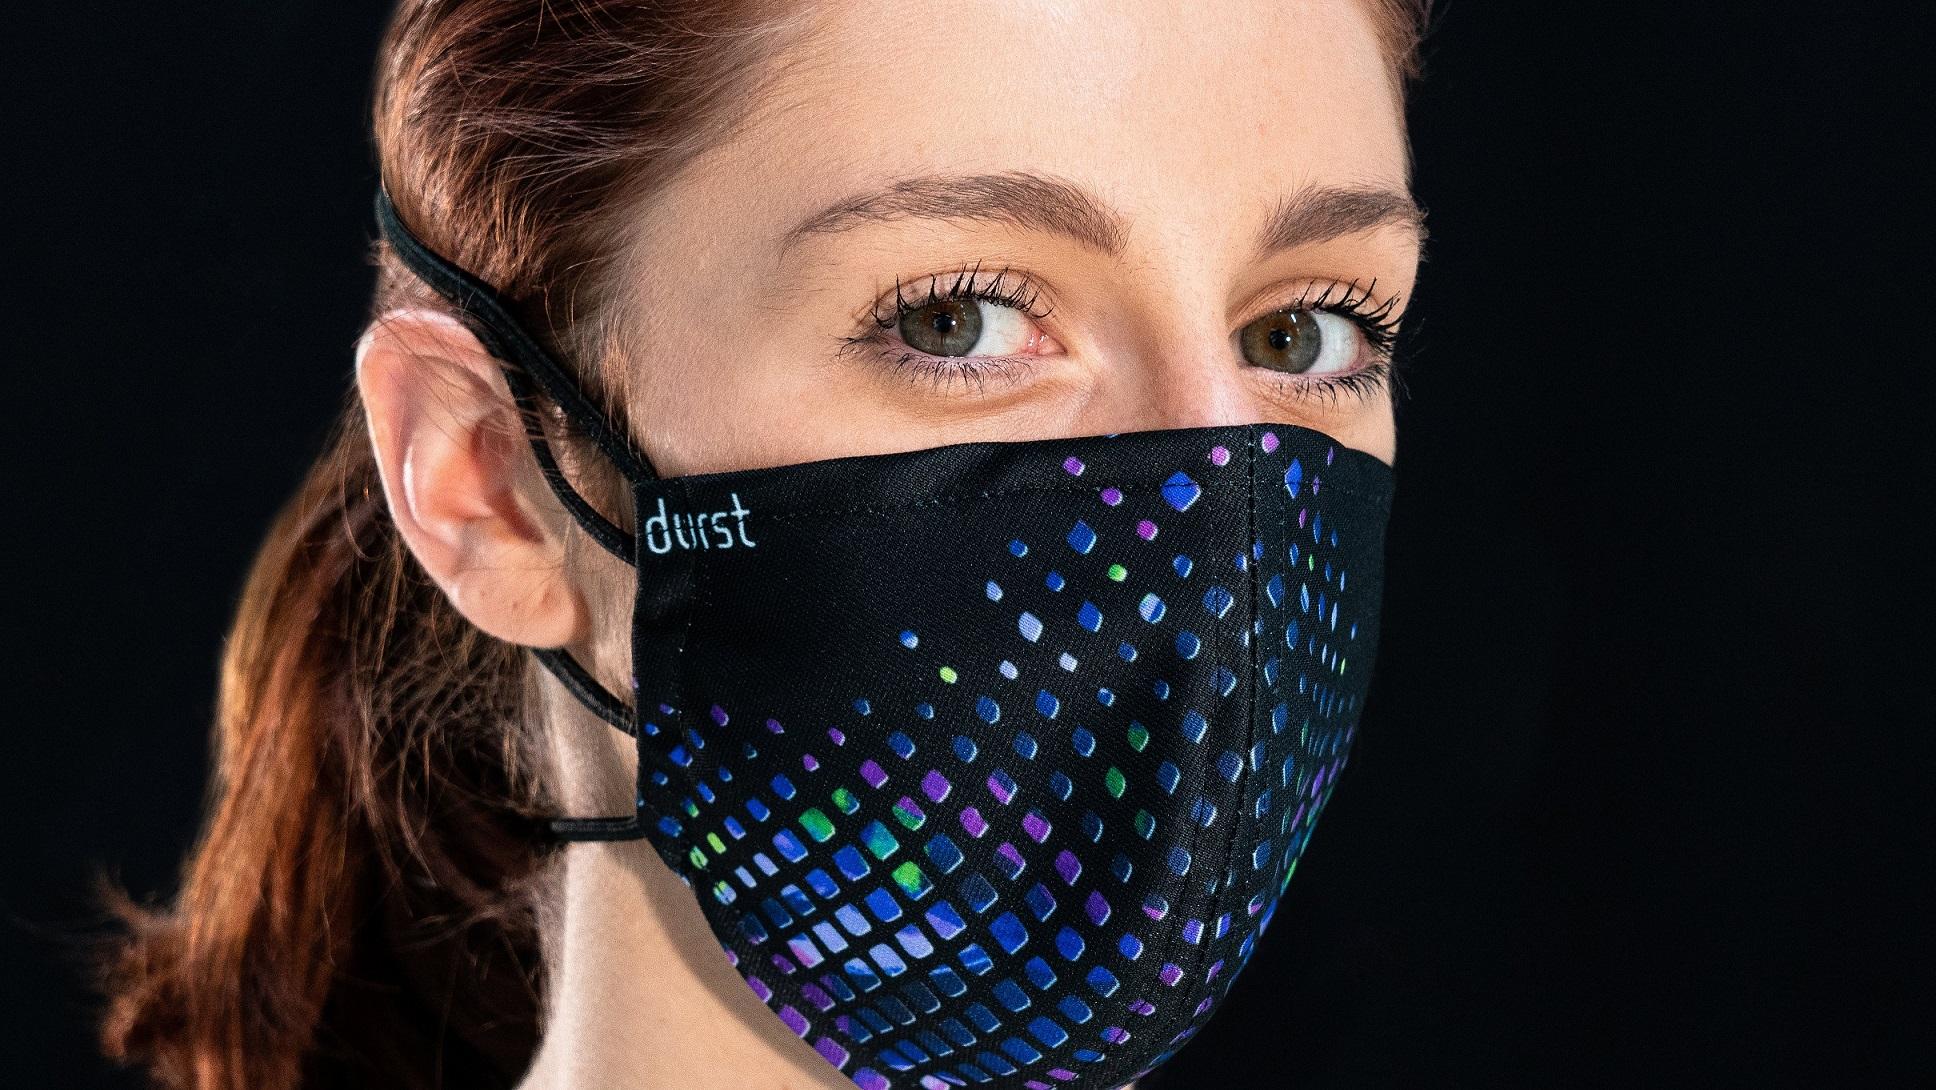 durst mask